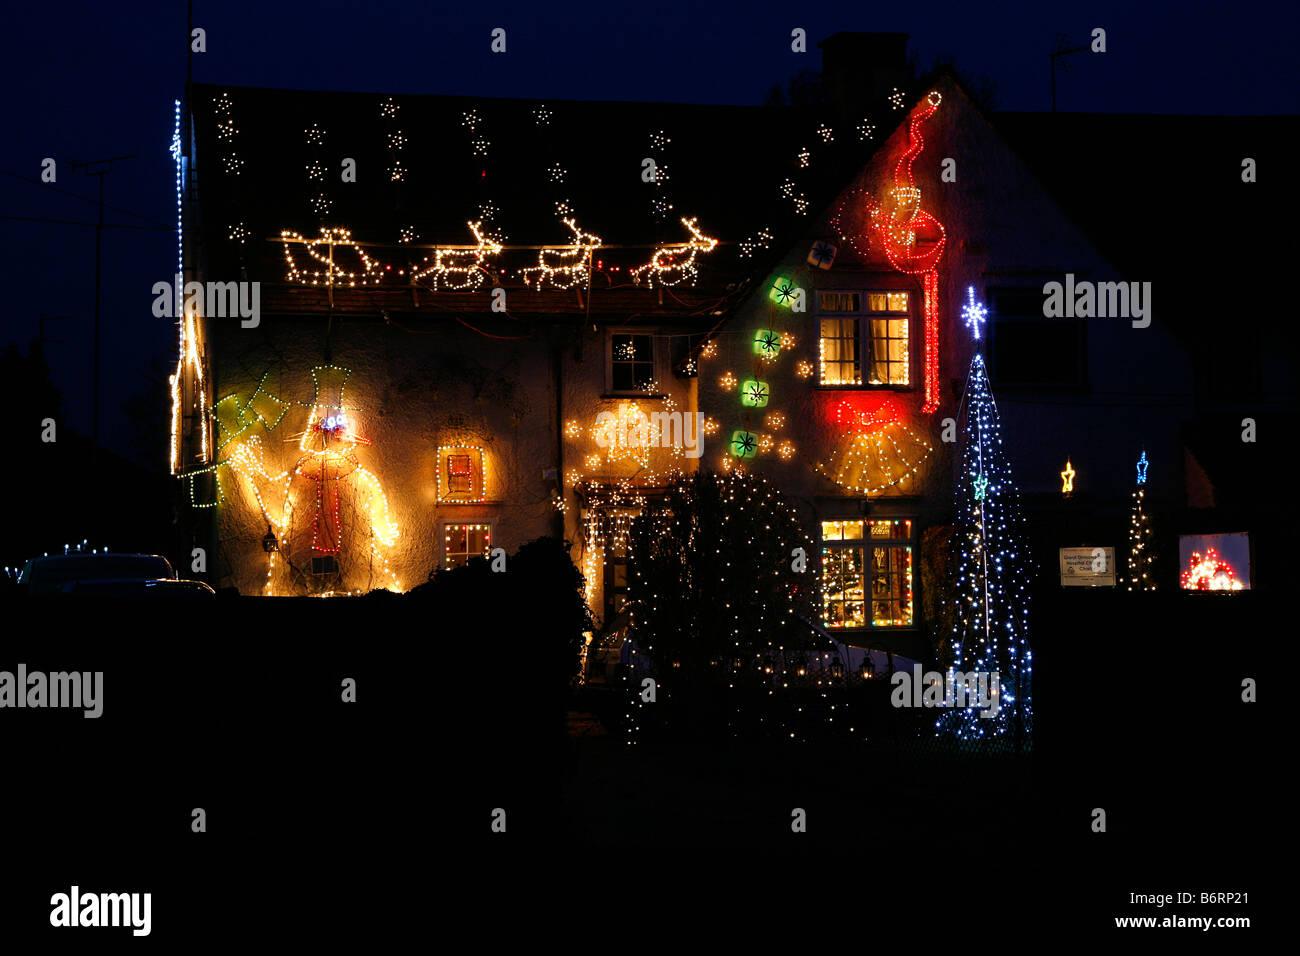 Une maison dans le sud de Heath, Buckinghamshire, Angleterre illuminé avec des lumières de fête pour Photo Stock